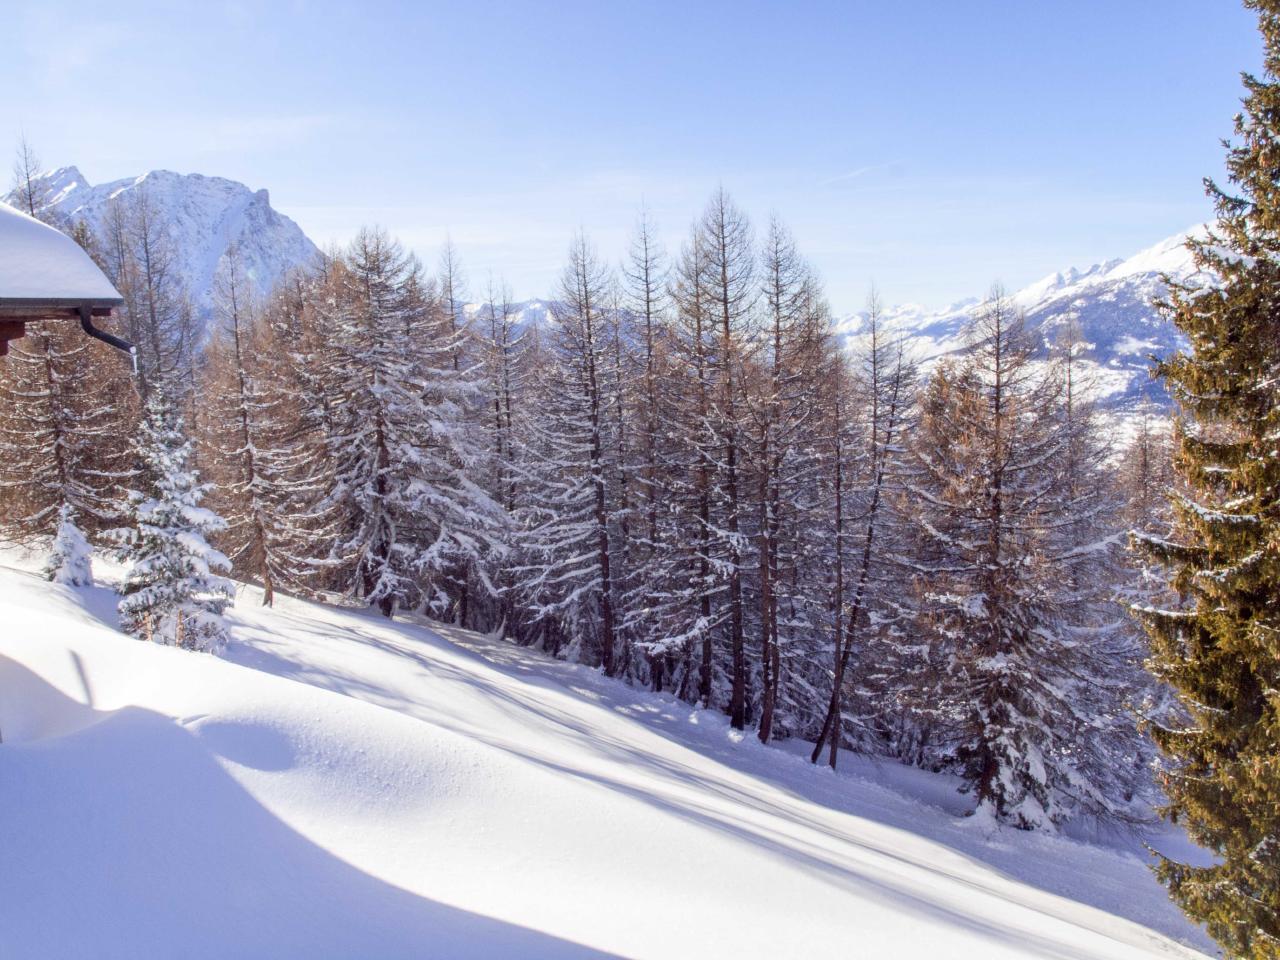 Ferienwohnung Urchiges Walliserchalet auf Rosswald | Alphütte OG (2171131), Rosswald, Brig - Simplon, Wallis, Schweiz, Bild 20